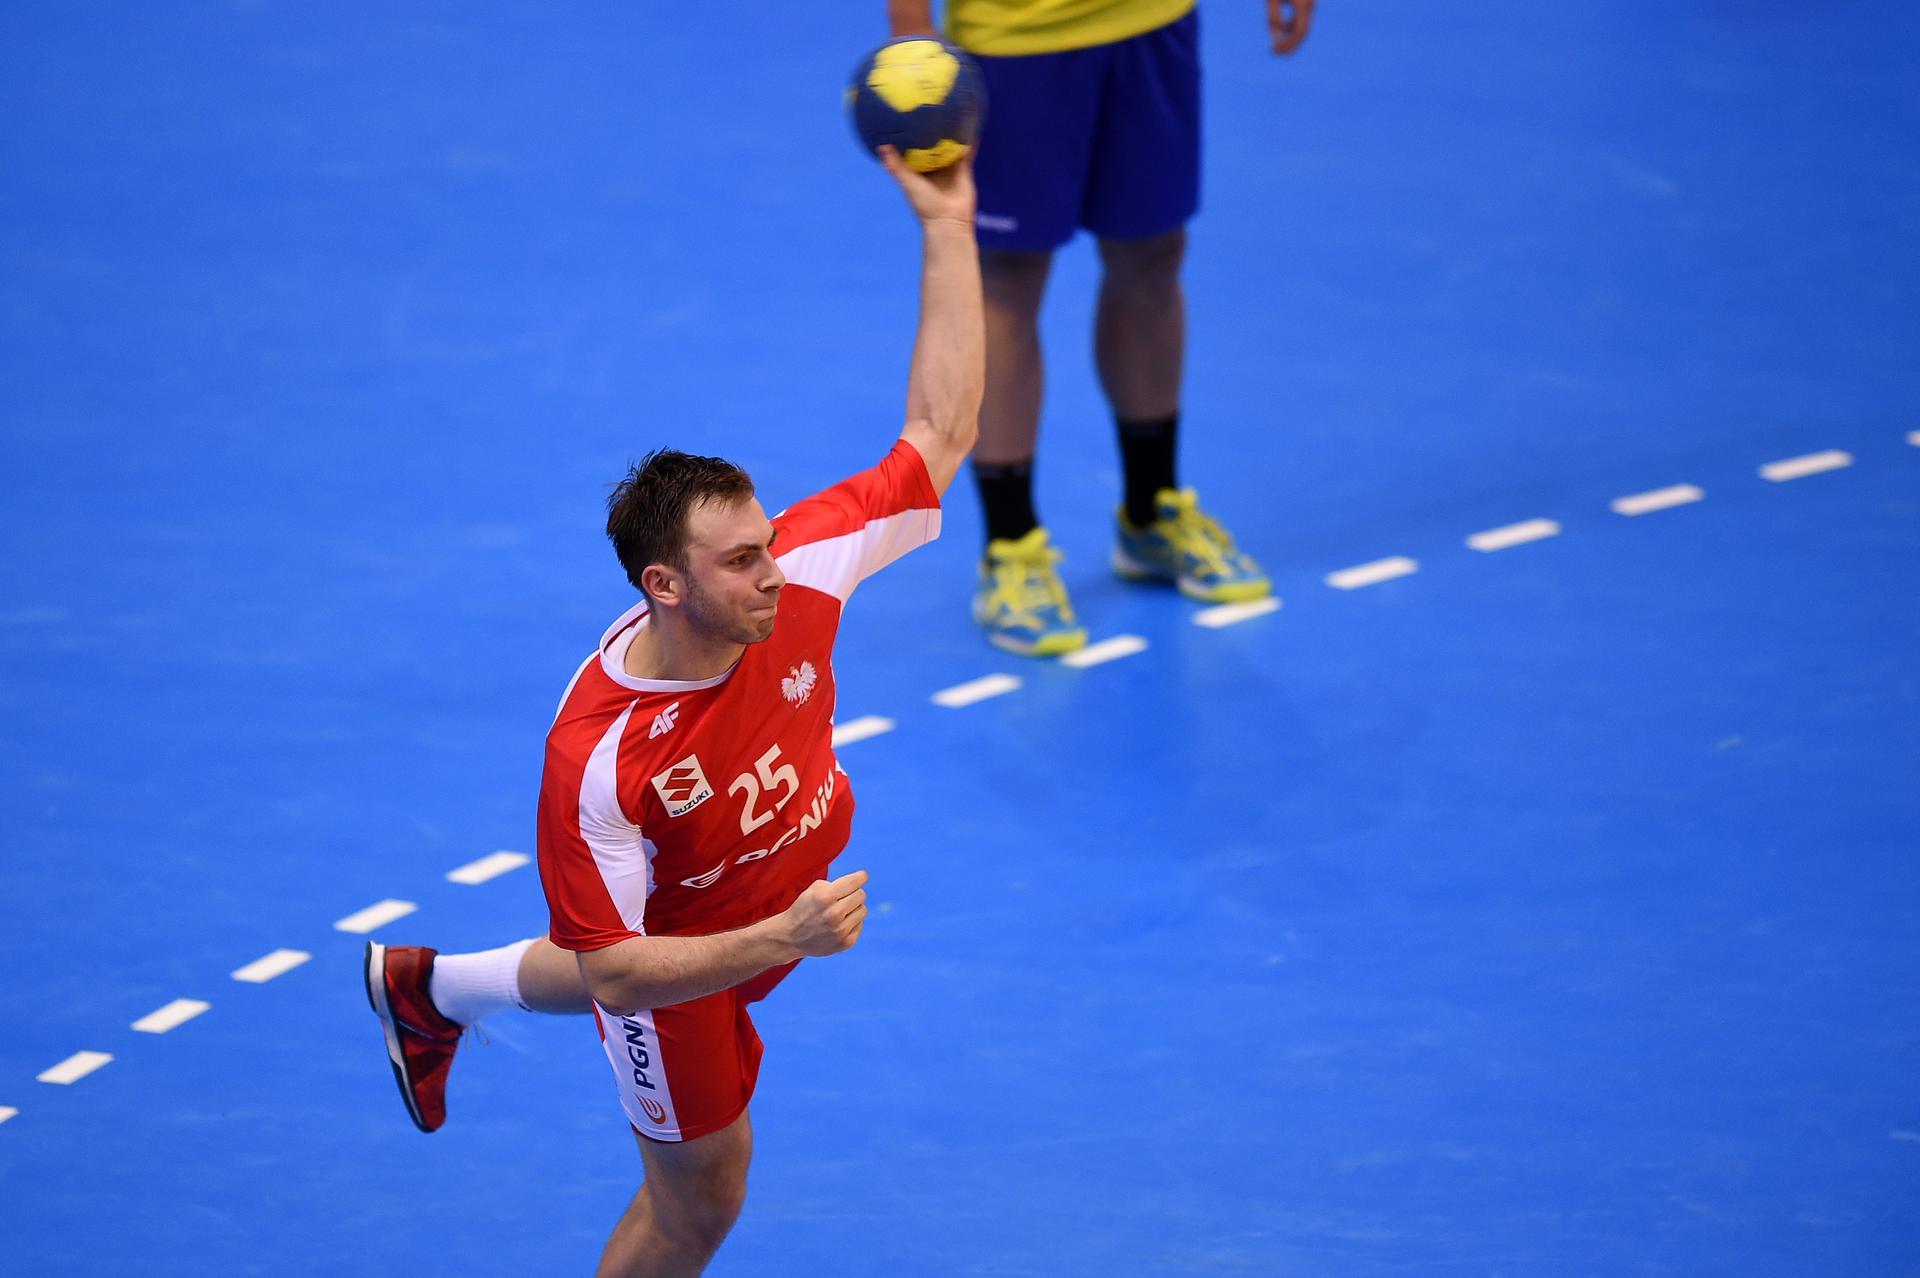 BUTY DO WYGRANIA Sport.pl Najnowsze informacje piłka